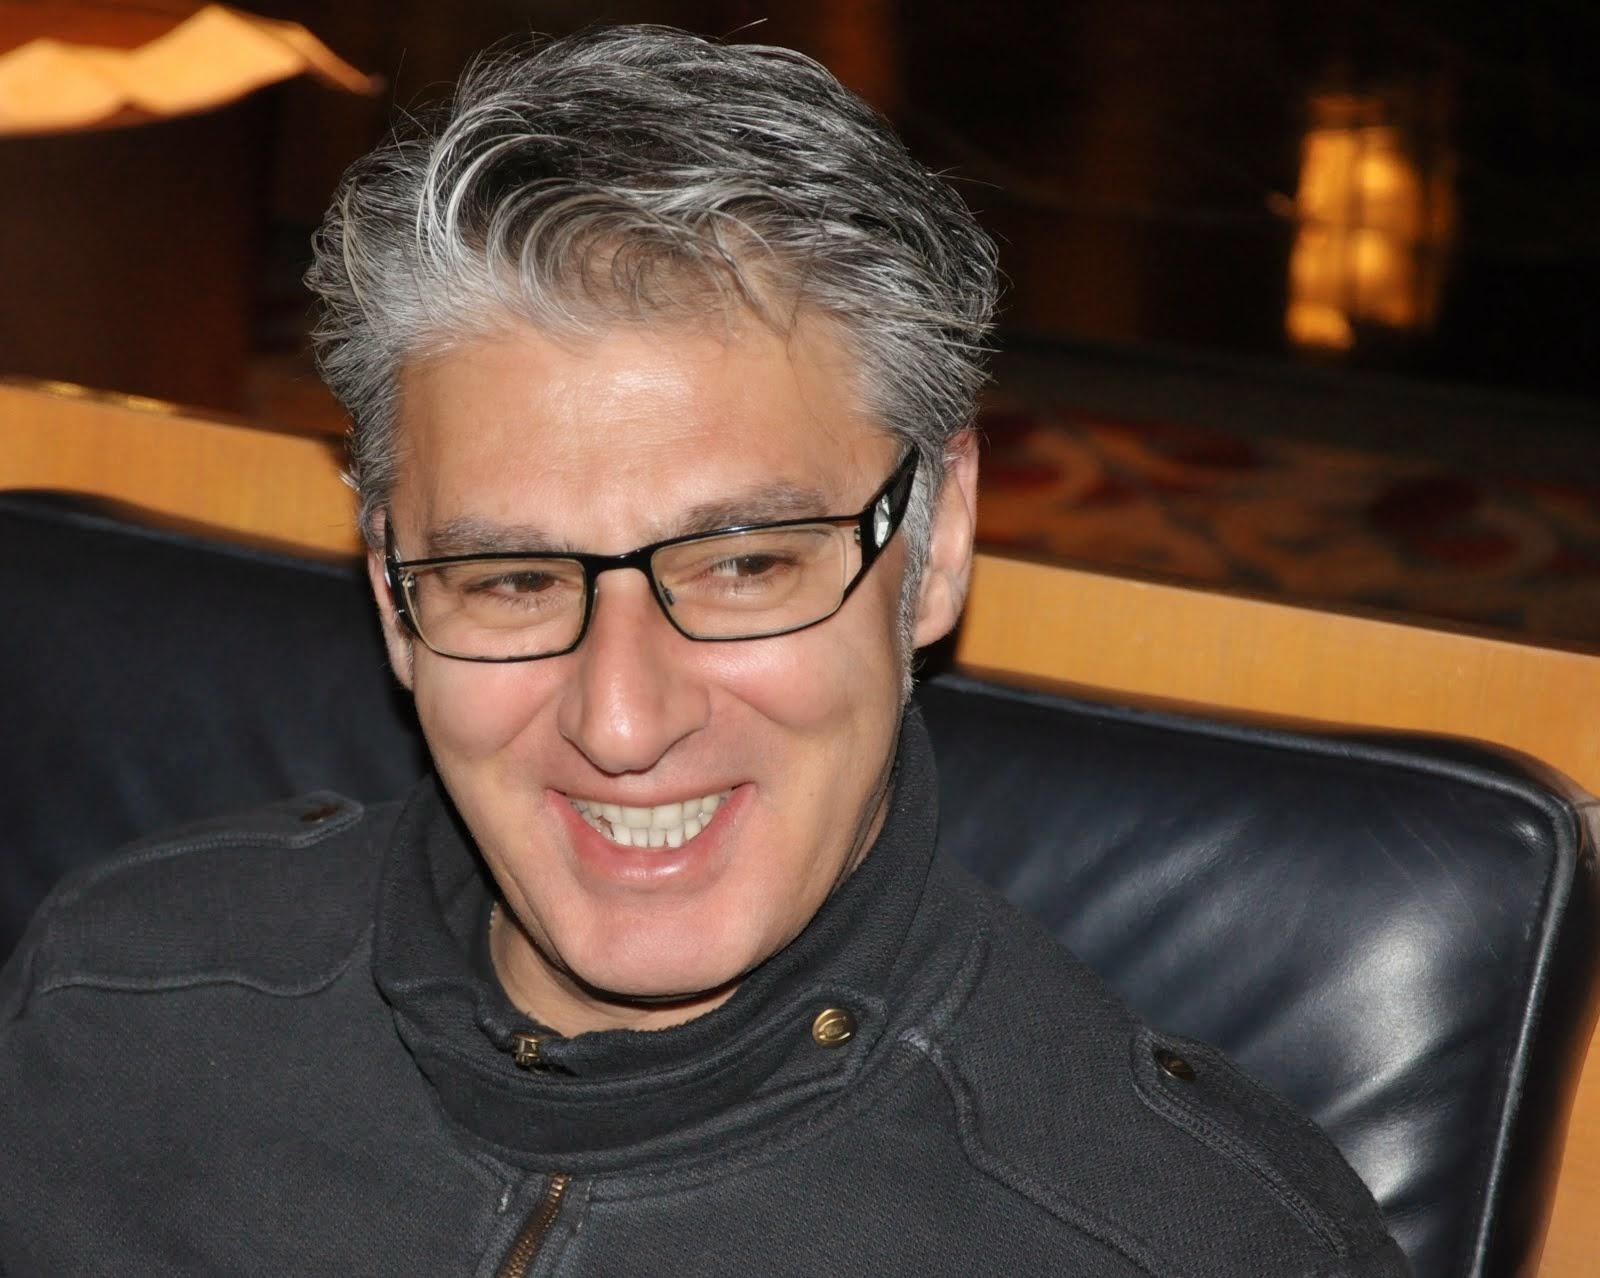 dott. Guido Torrini Medicina Generale